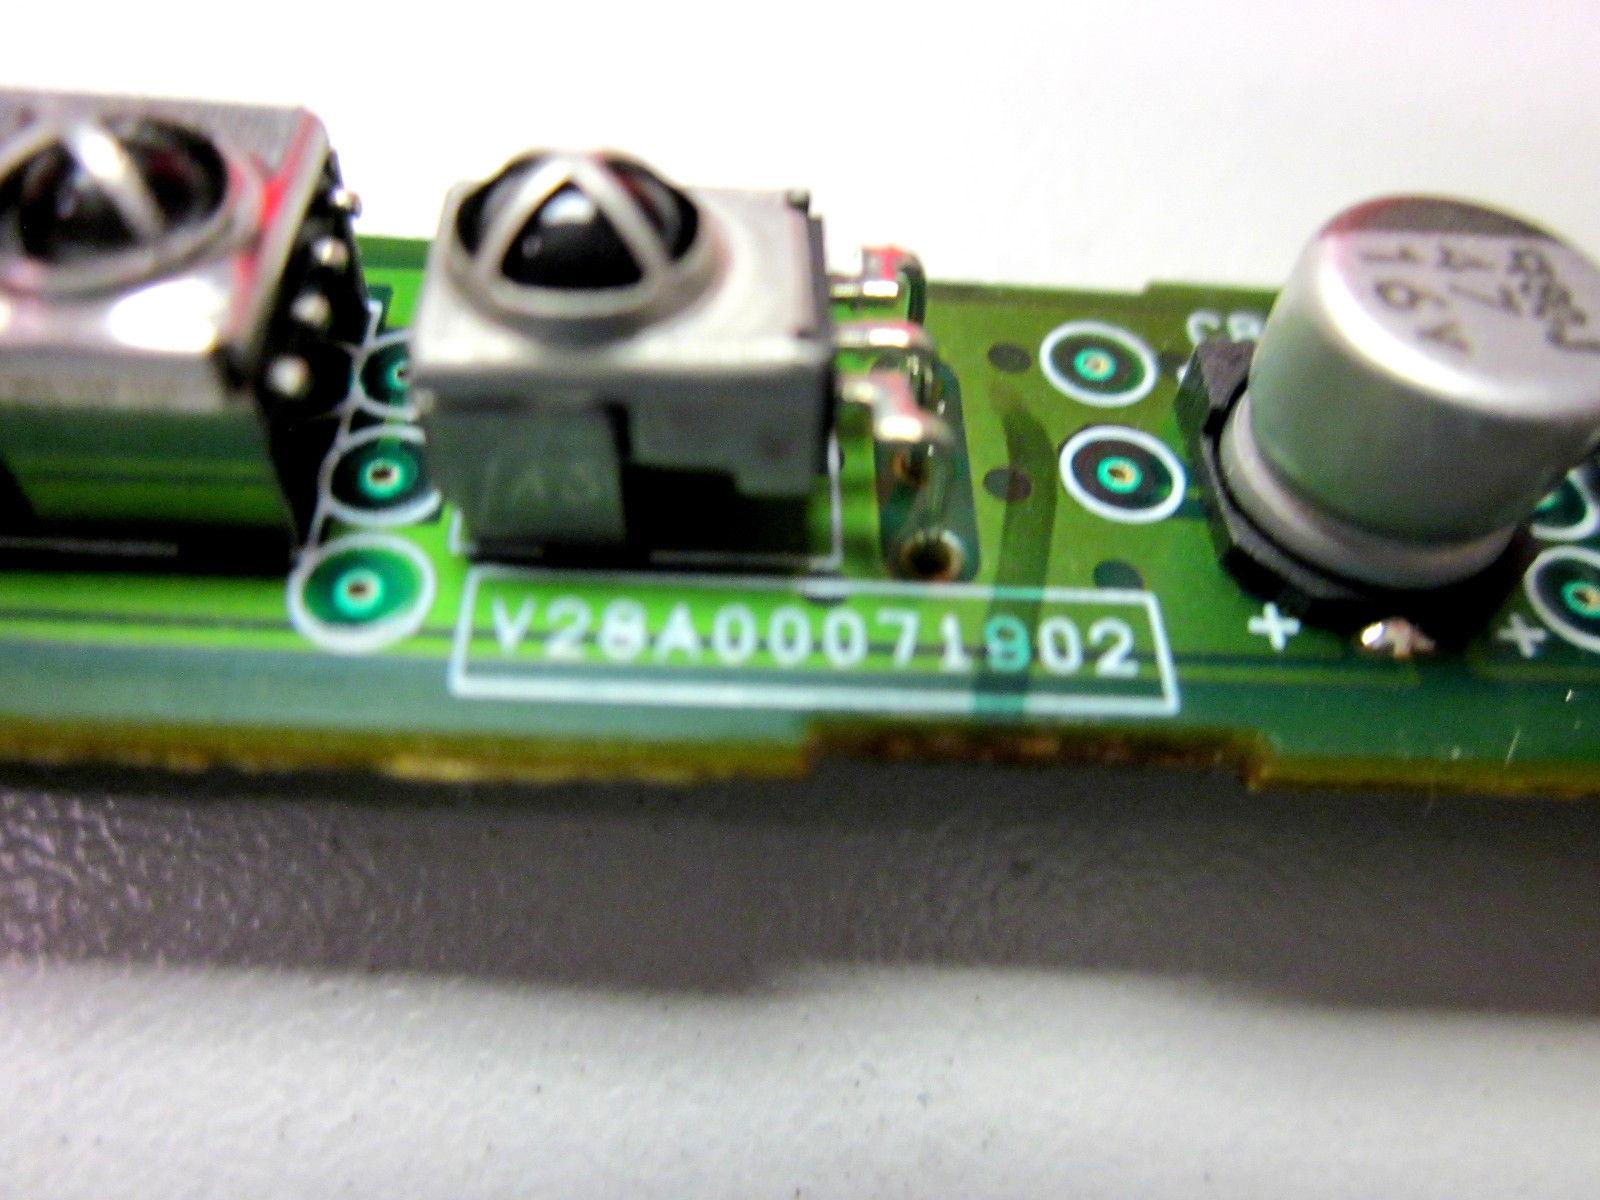 Toshiba V28A00072100 PE0548C (V28A00071902) IR Sensor Board   [See List]